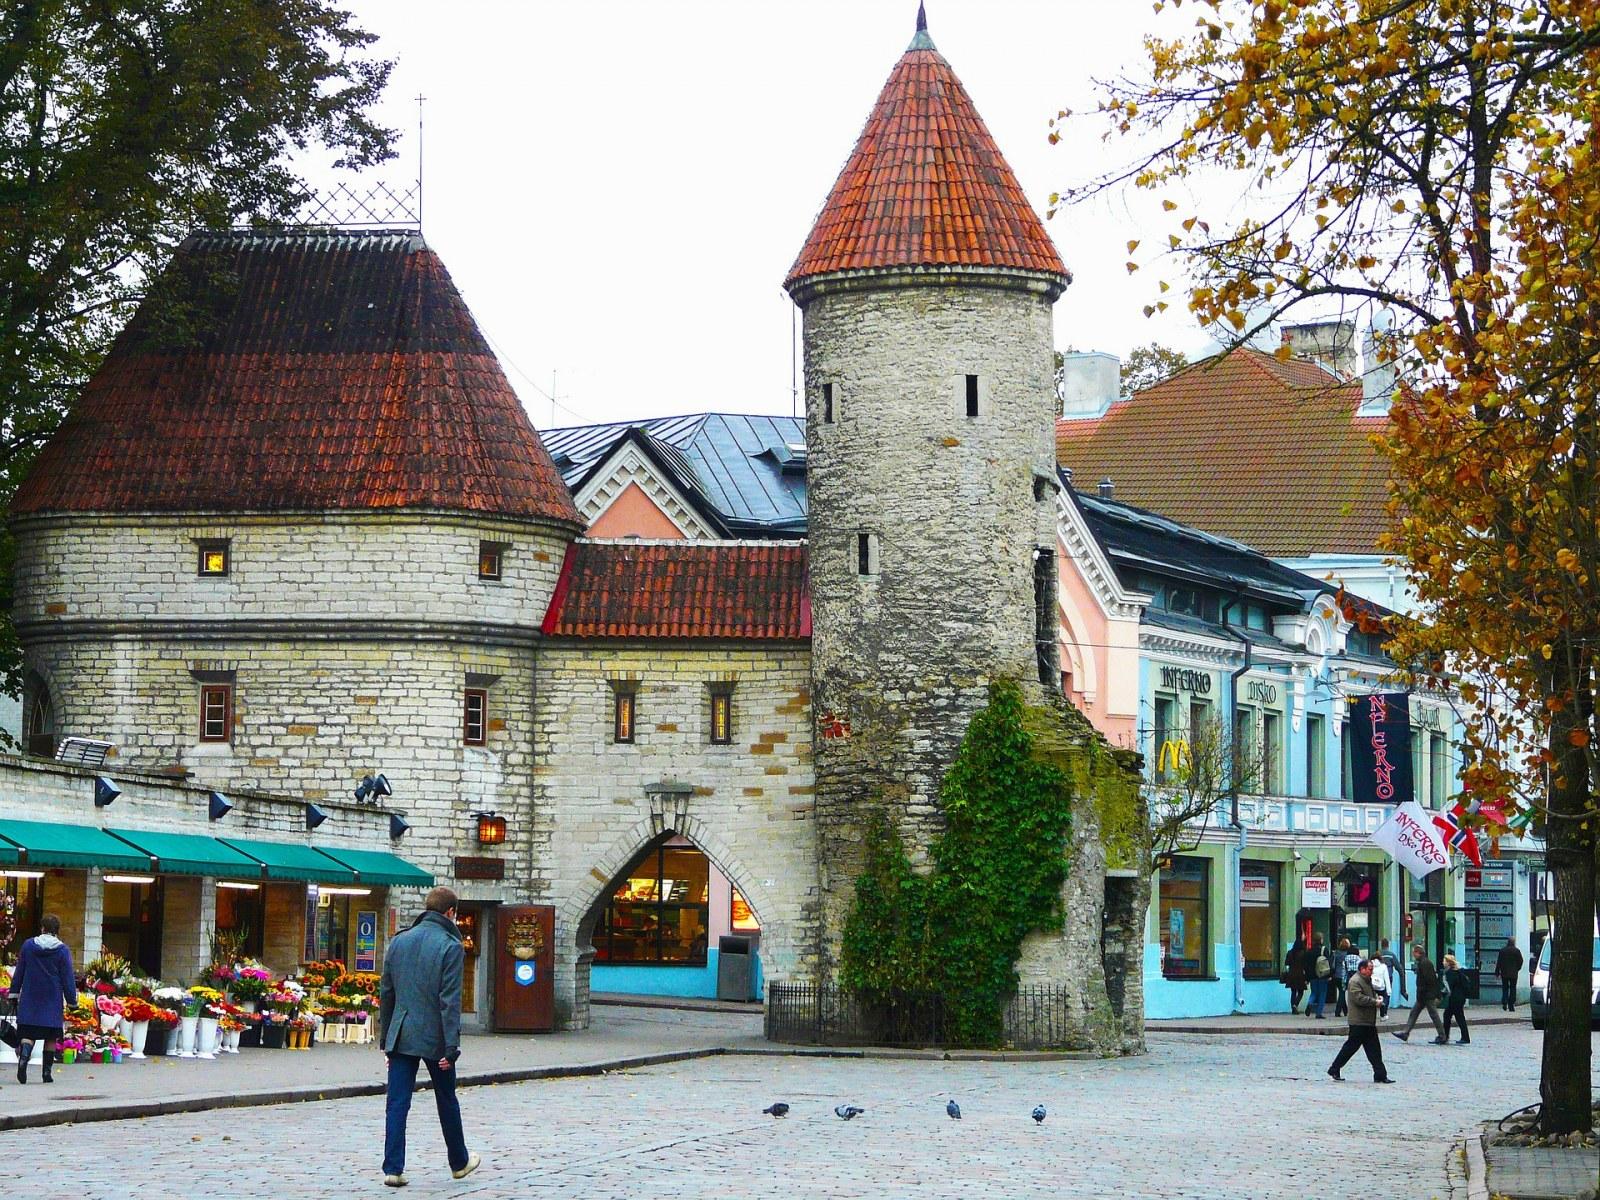 Old Town, Tallinn, Estonia, Pixabay.com